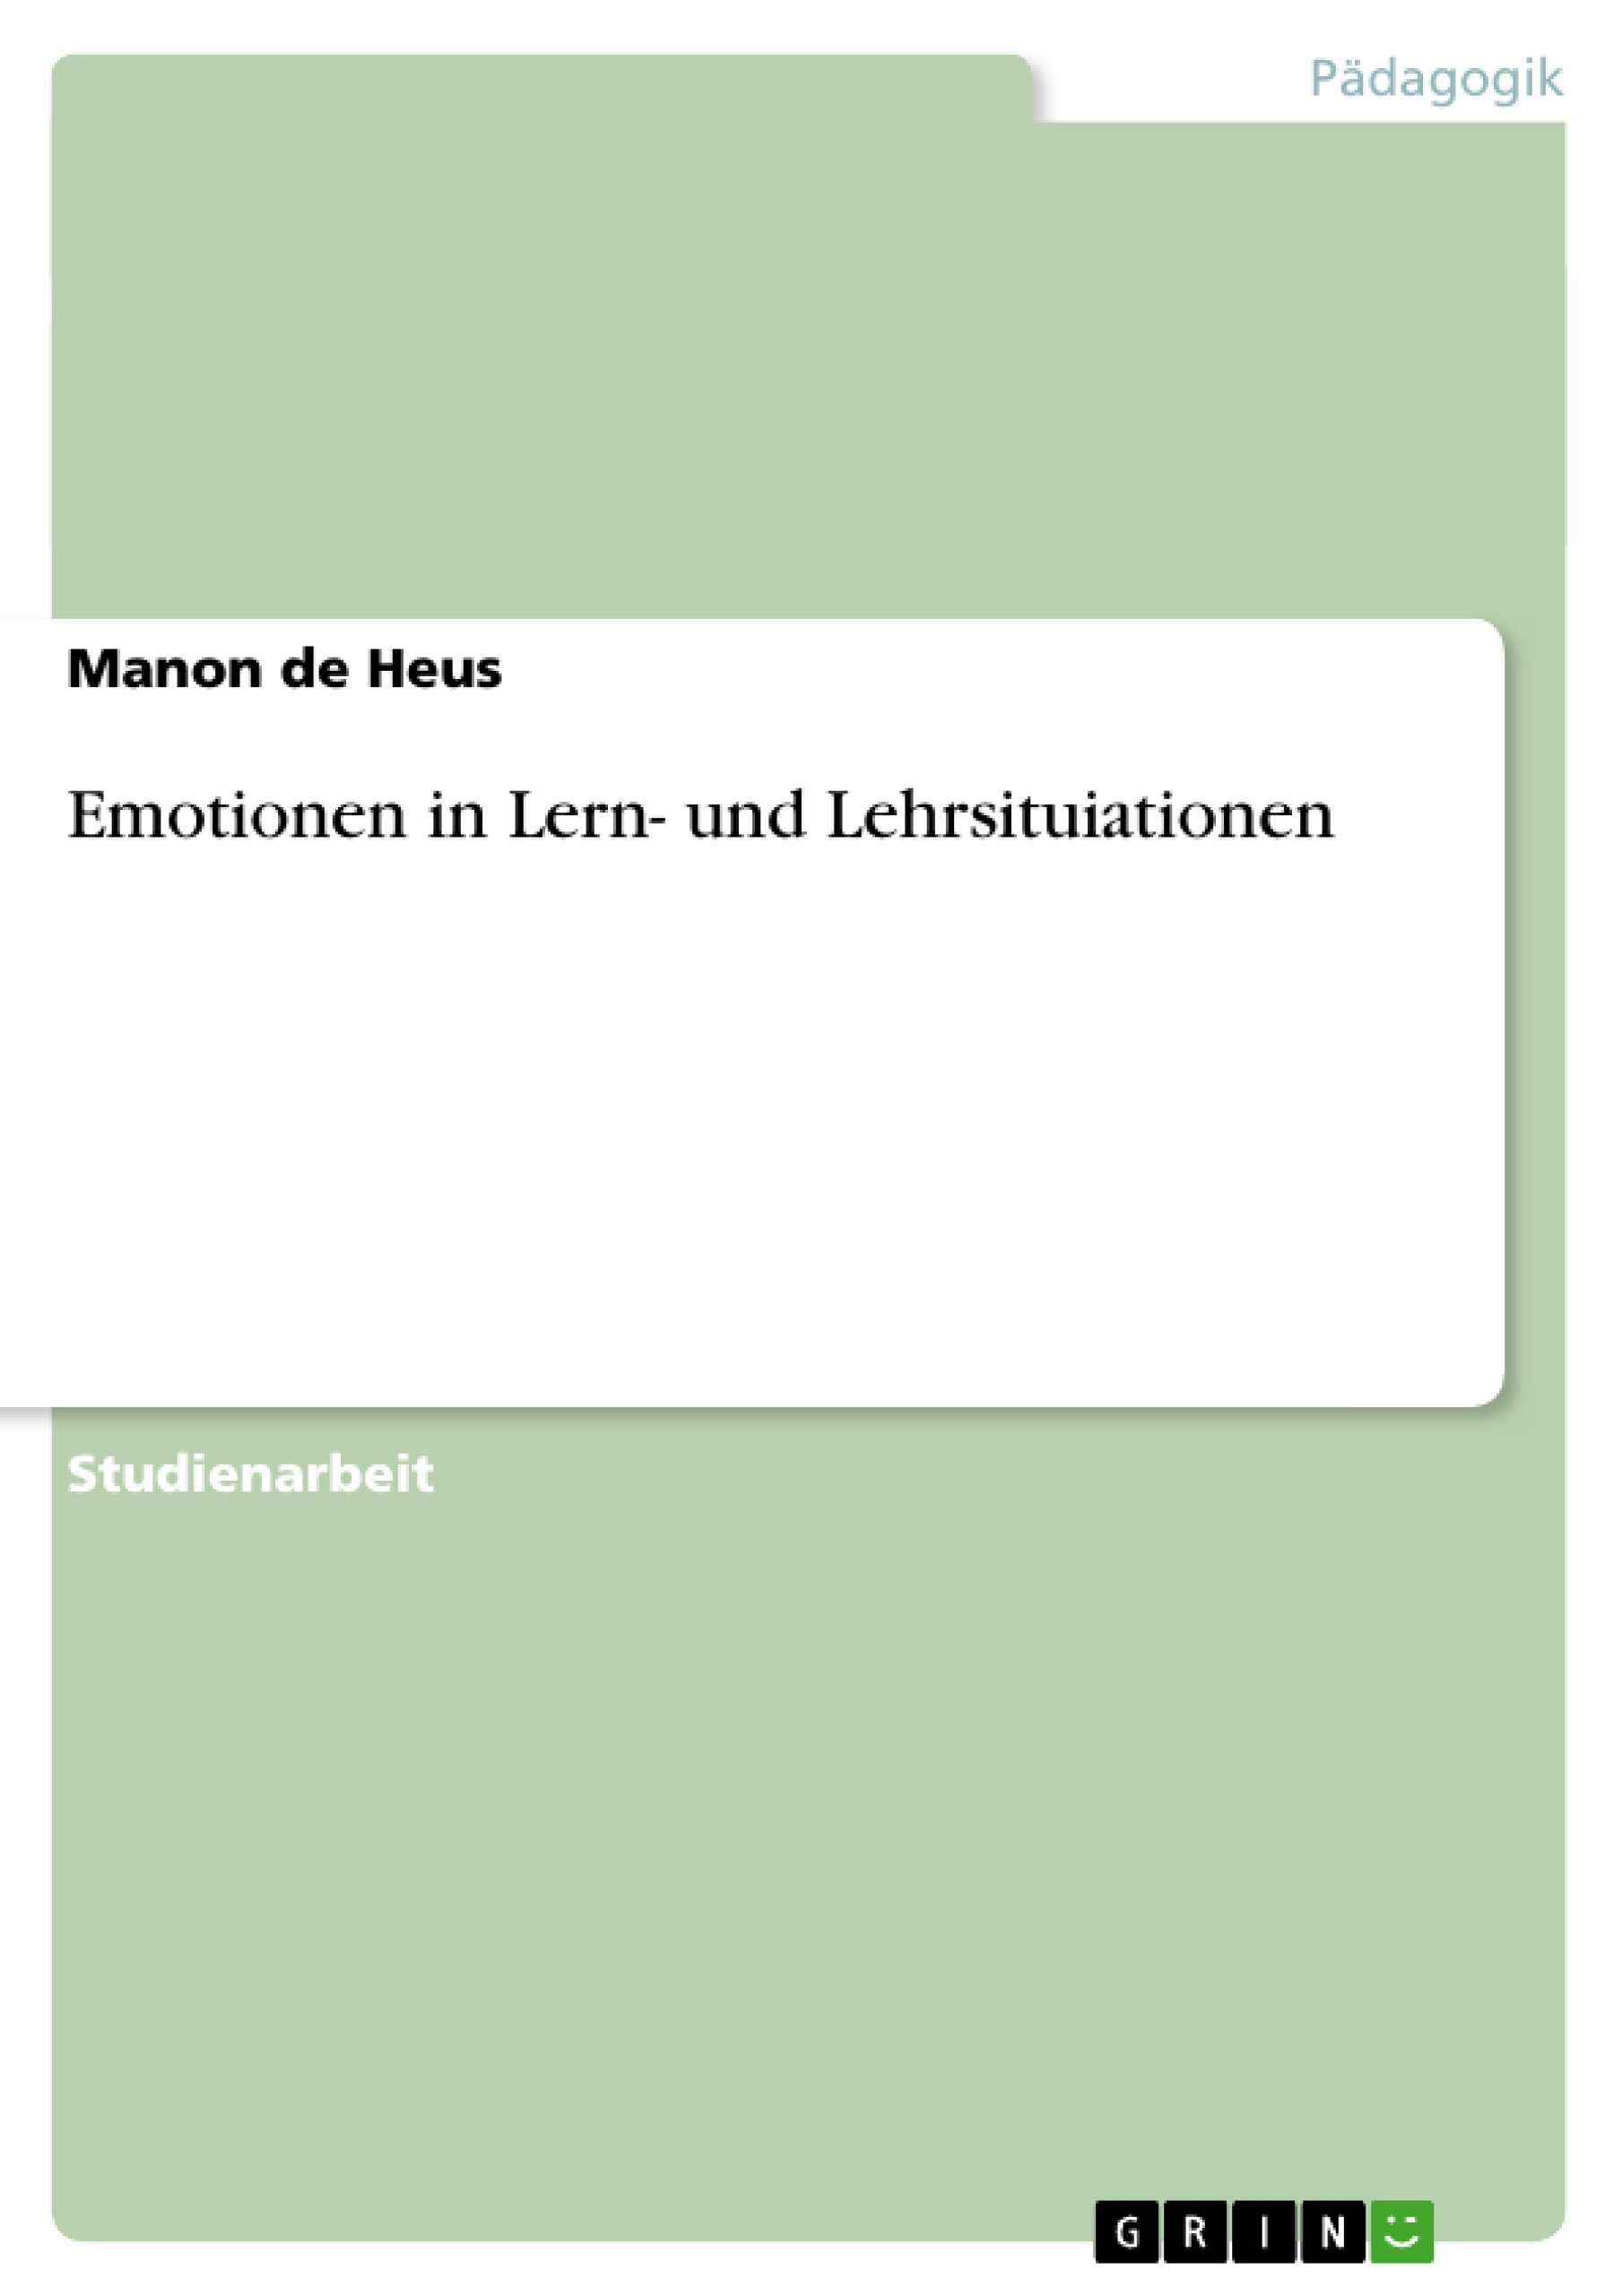 Titel: Emotionen in Lern- und Lehrsituiationen